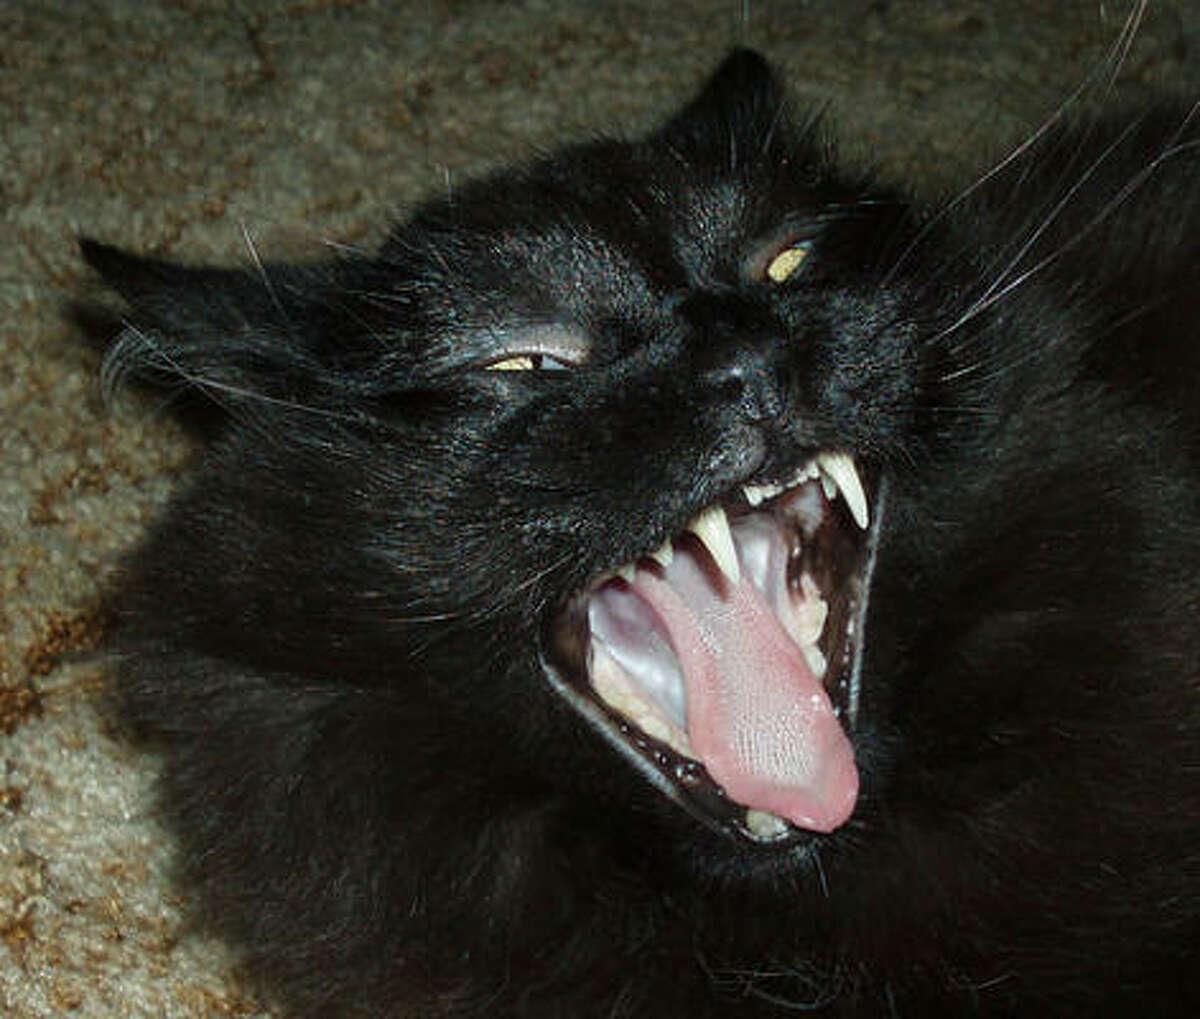 A fang flashing pro. Share your feline fang photos.